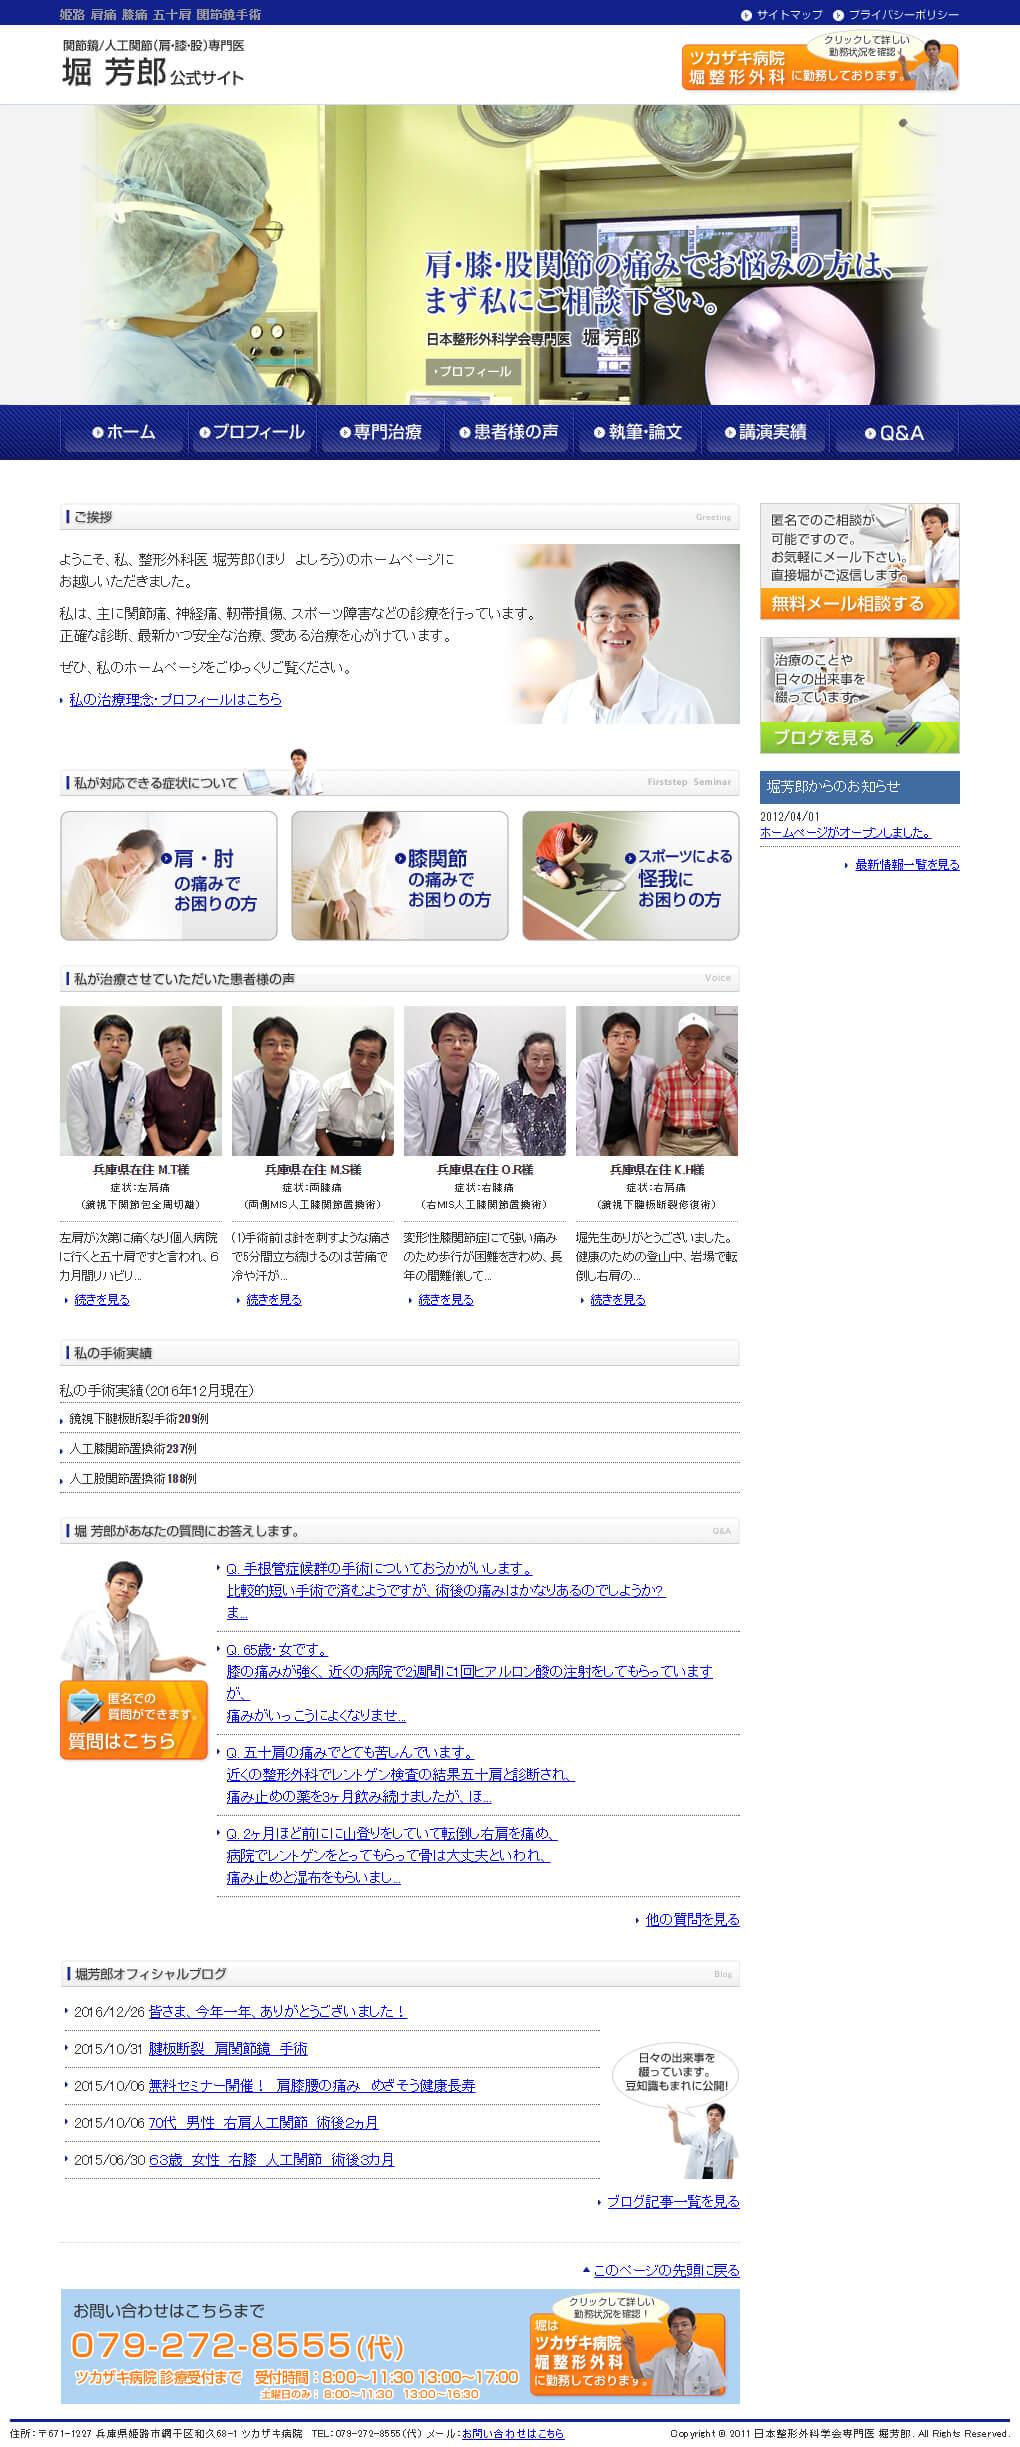 堀 芳郎 公式サイト ホームページ制作1